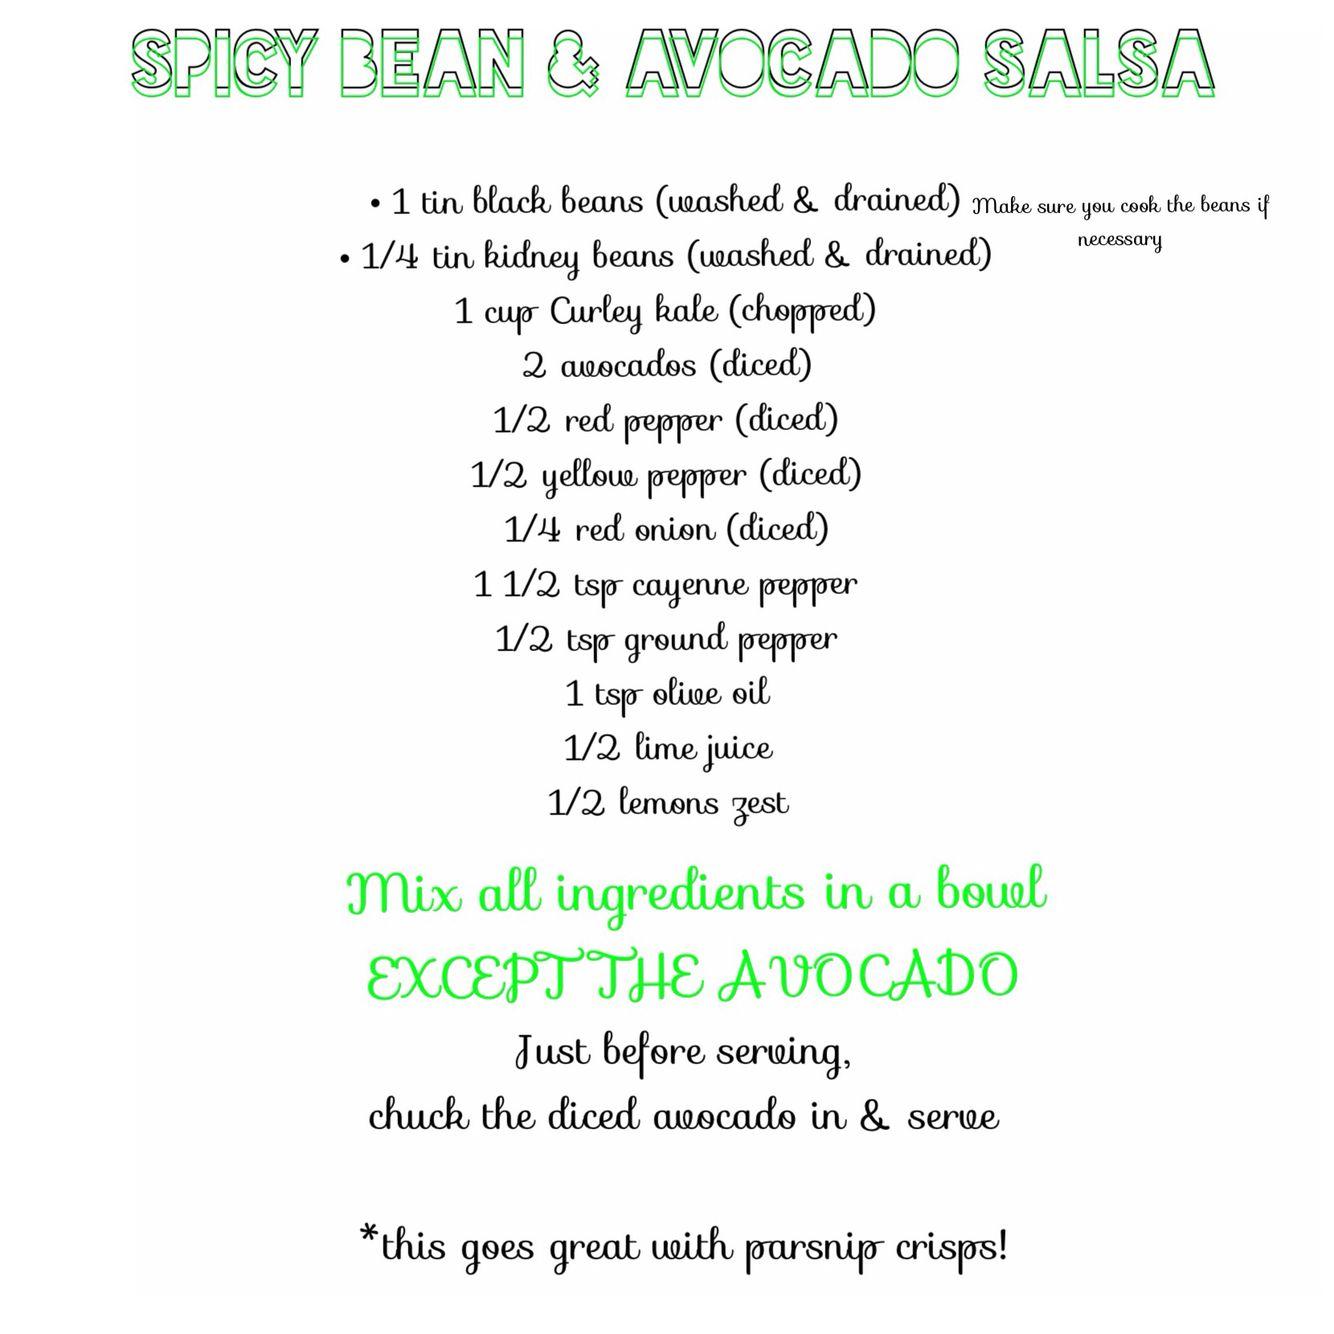 Spicy bean & avocado salsa